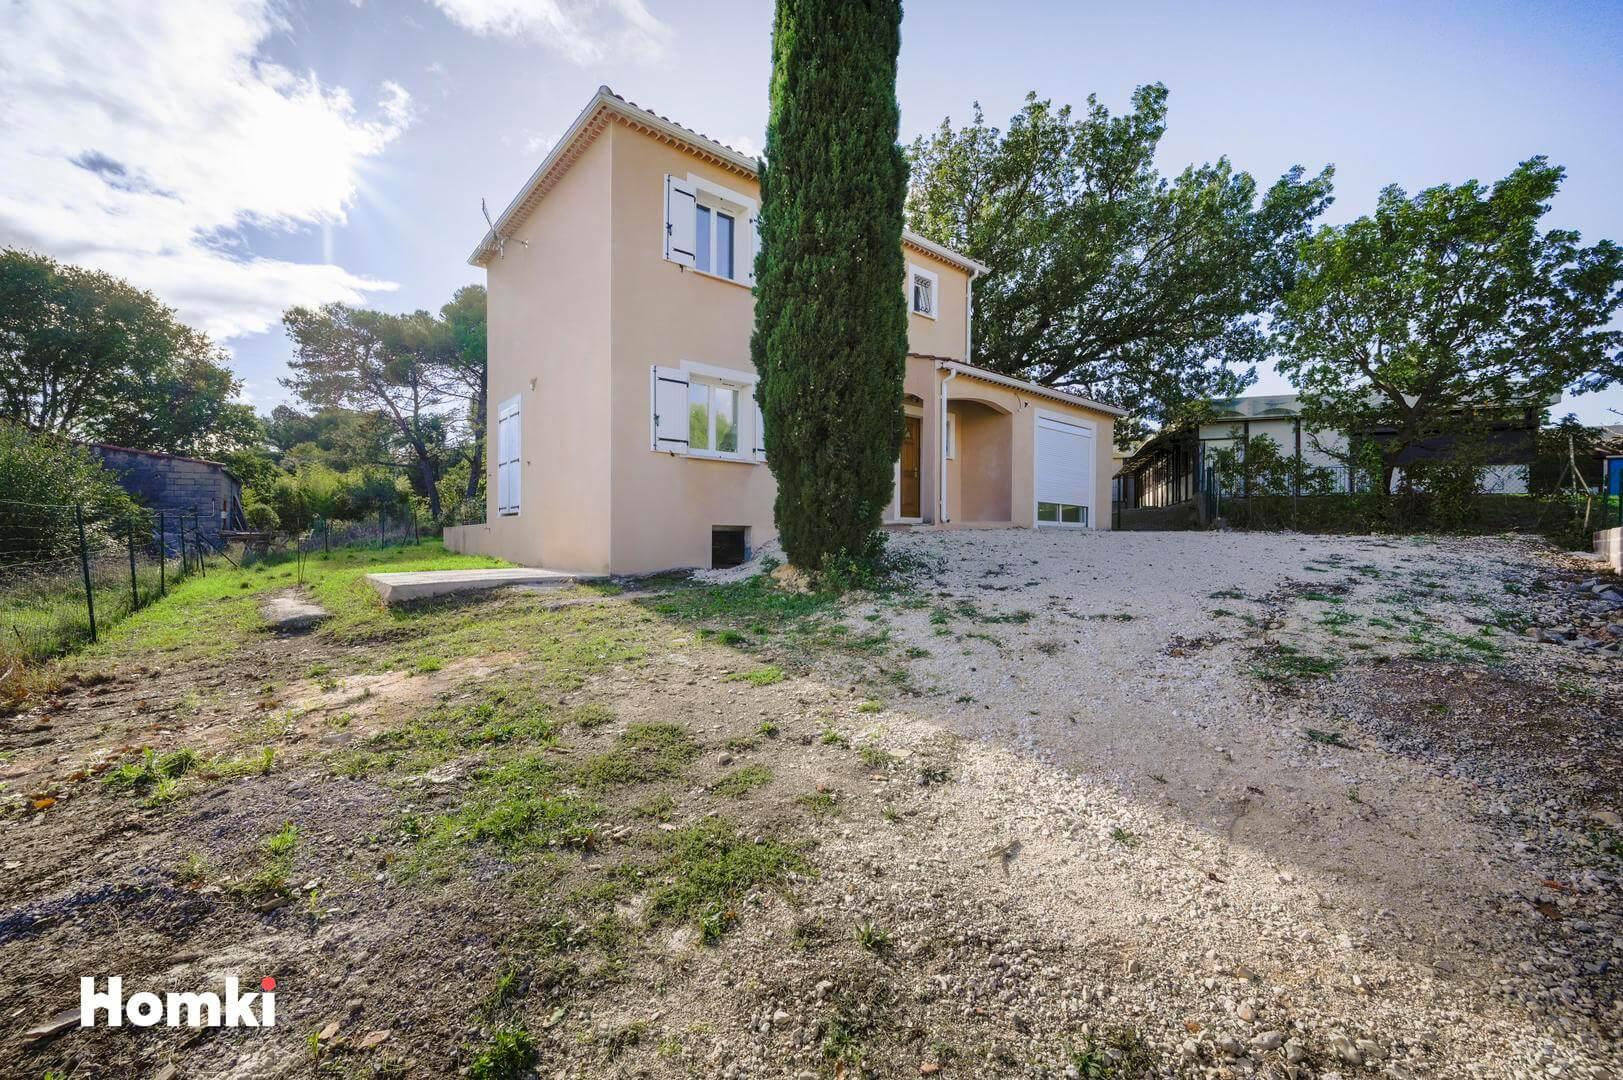 Homki - Vente Maison/villa  de 110.0 m² à Anduze 30140